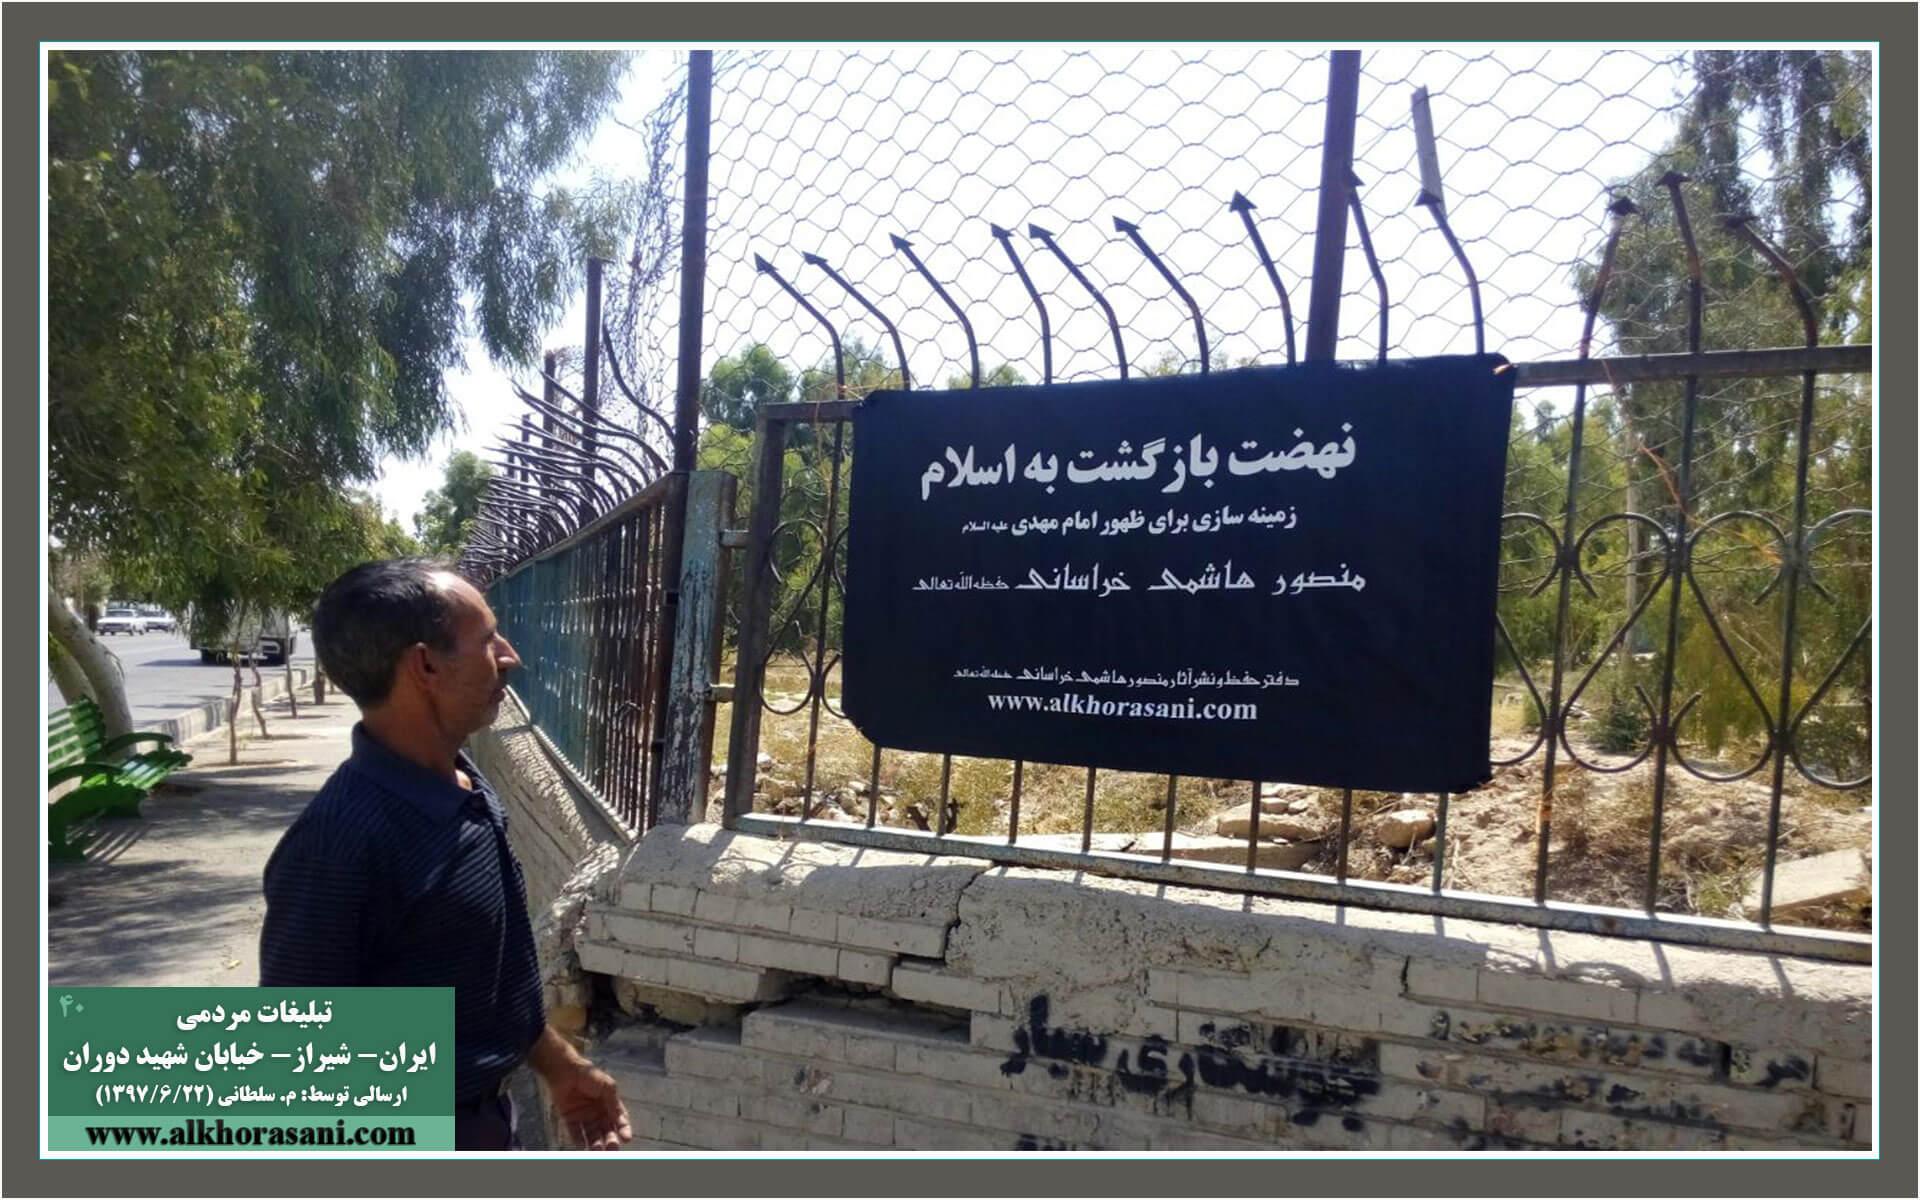 تبلیغات مردمی نهضت بازگشت به اسلام؛ شیراز